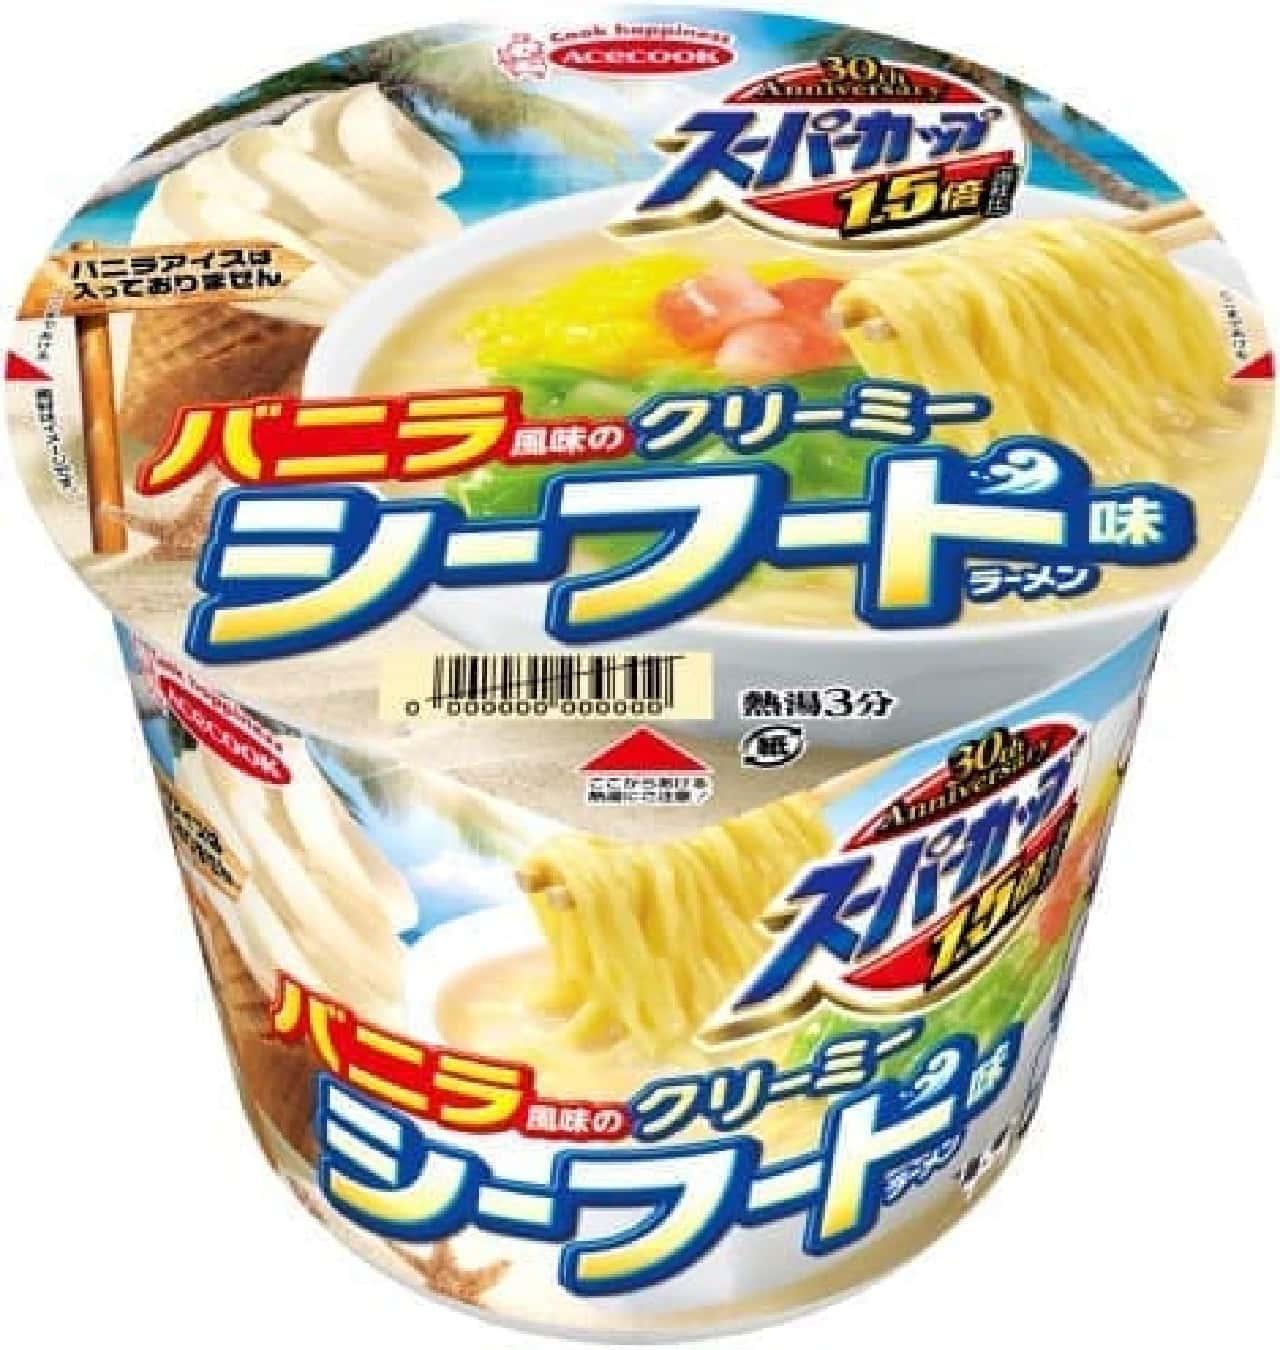 バニラ風味のカップめん「スーパーカップ1.5倍 バニラ風味のクリーミーシーフード味ラーメン」